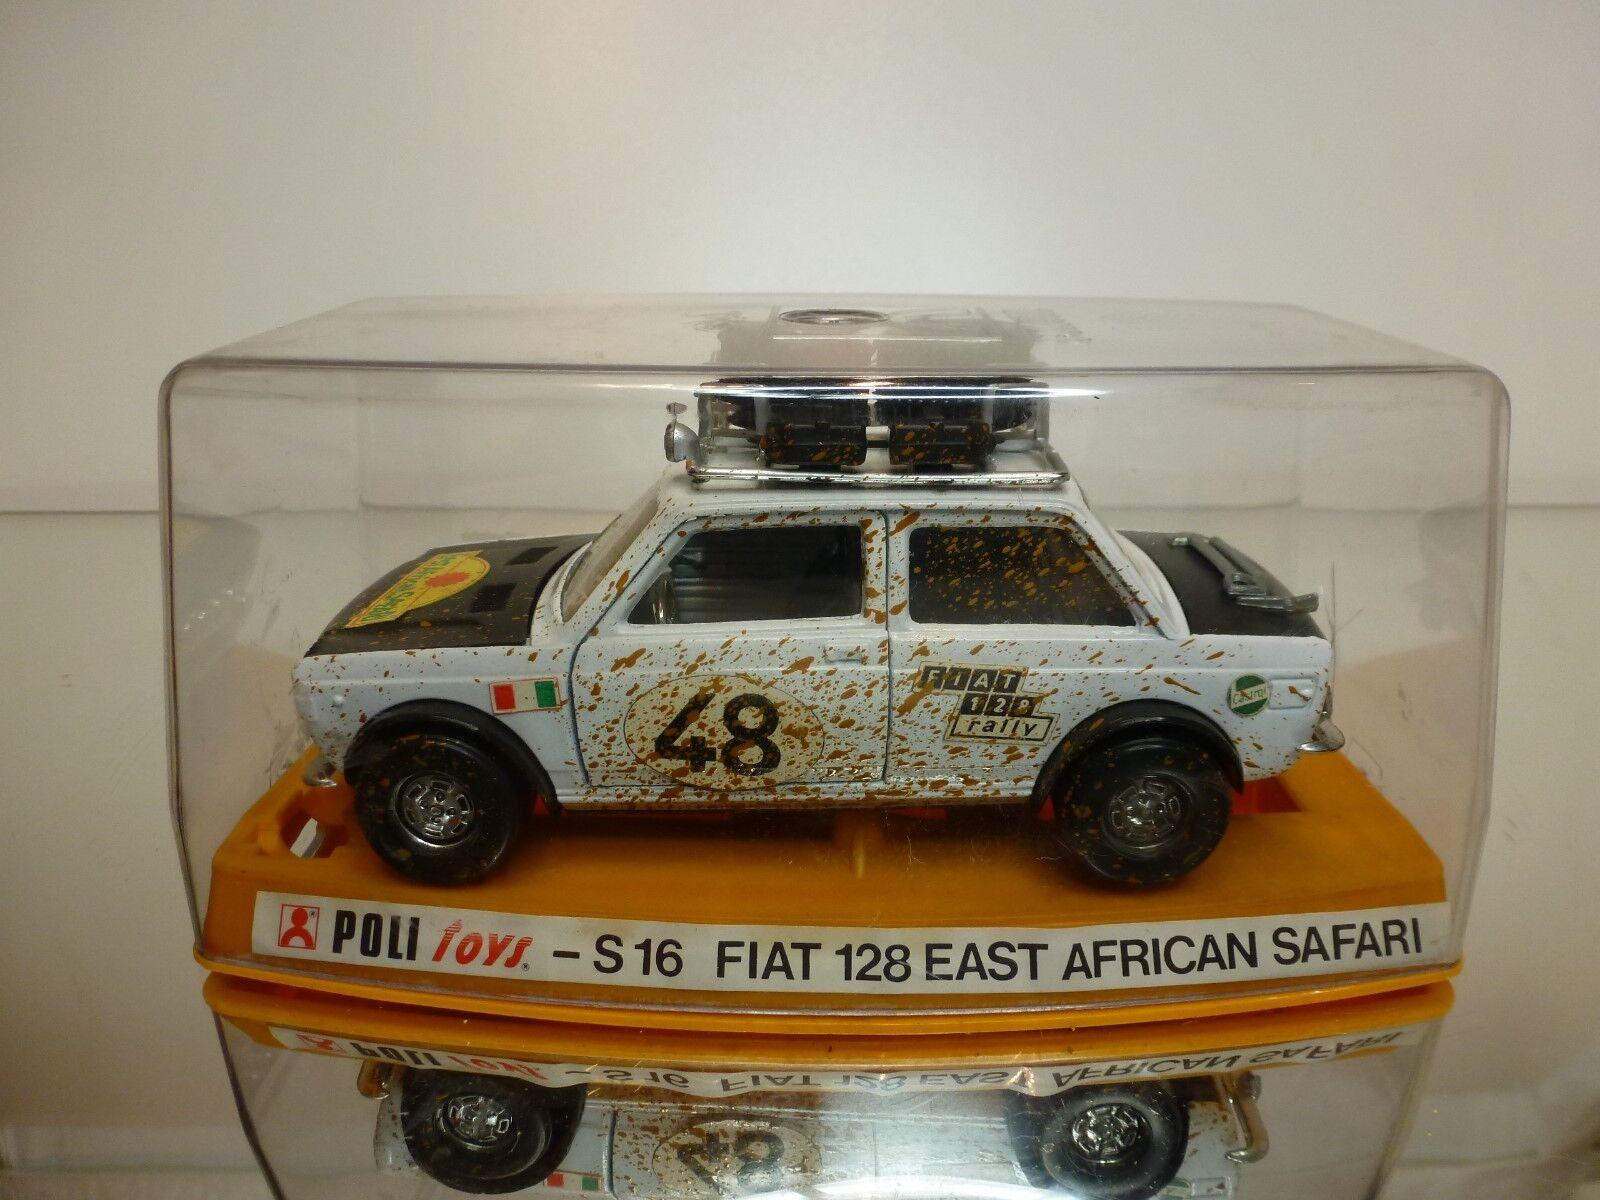 consegna veloce POLIgiocattoli 1 1 1 25 - FIAT 128  Coloreeeee = bianca  - EXTREMELY RARE - EXCELLENT IN CASE  più economico